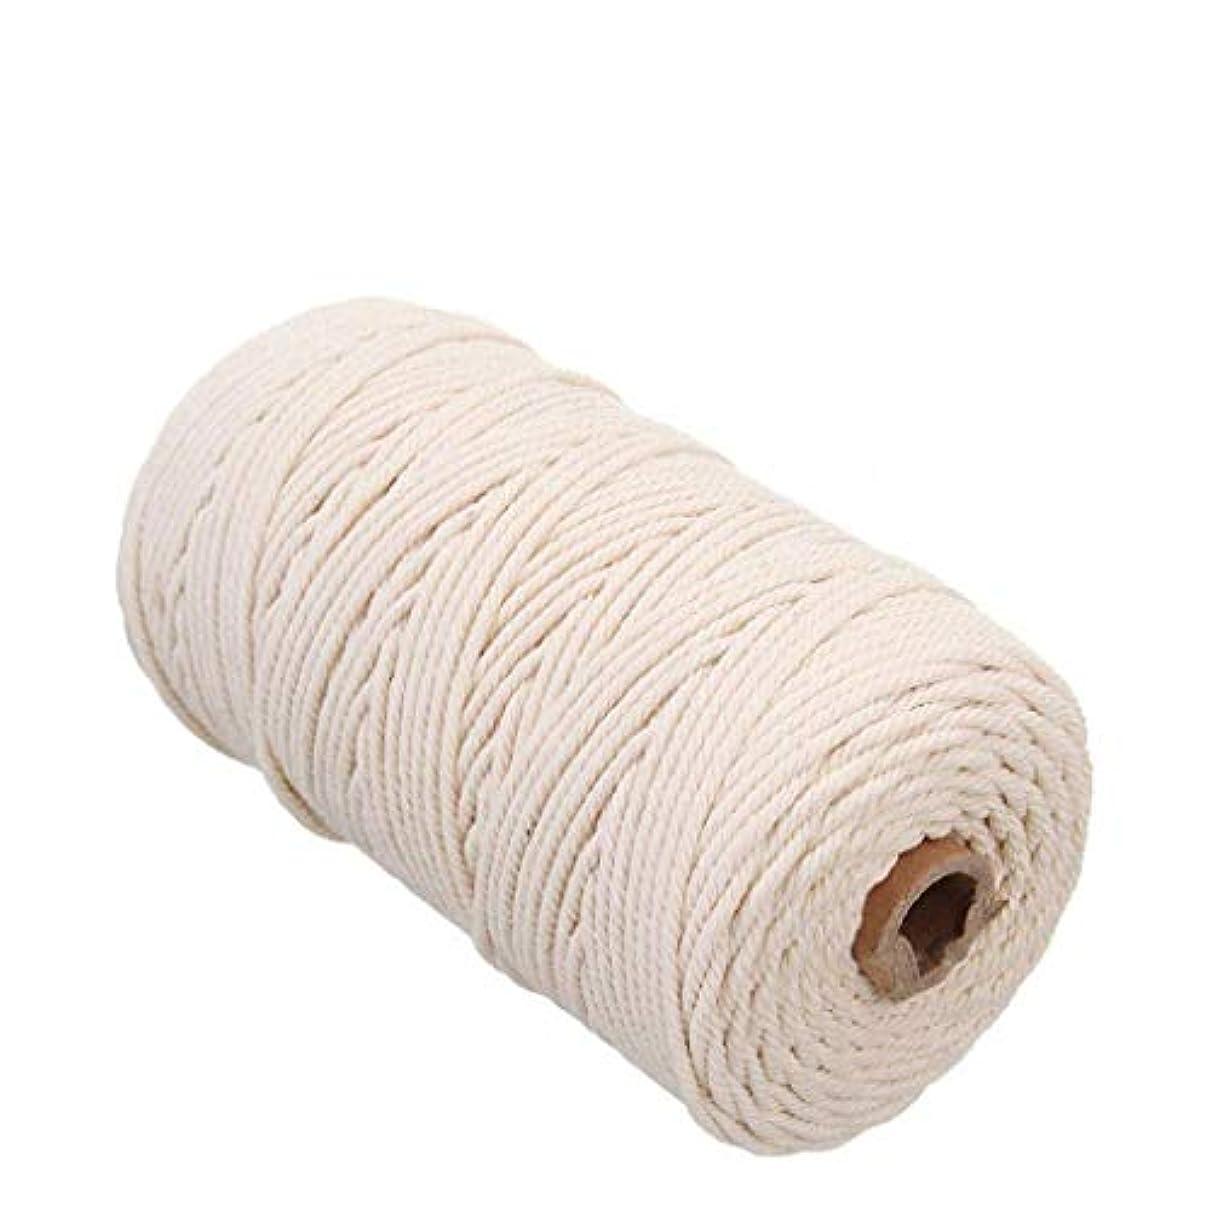 南西気難しい全滅させる手作りコットン糸 編み 天然コード 紐 綿糸ロープ 壁掛けロープナチュラルカラーニット製造プラントハンガー?クラフト 2mm x 200m (ライスホワイト)